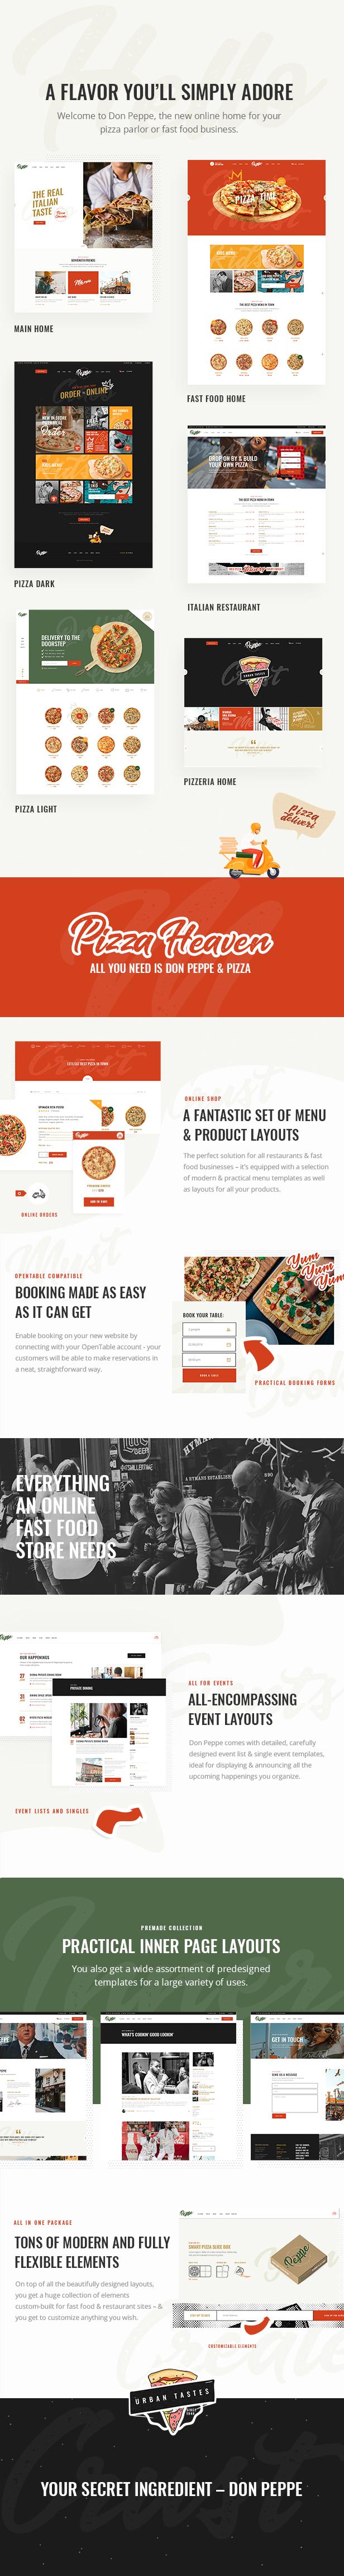 Don Peppe - Thème pizza et restauration rapide - 1